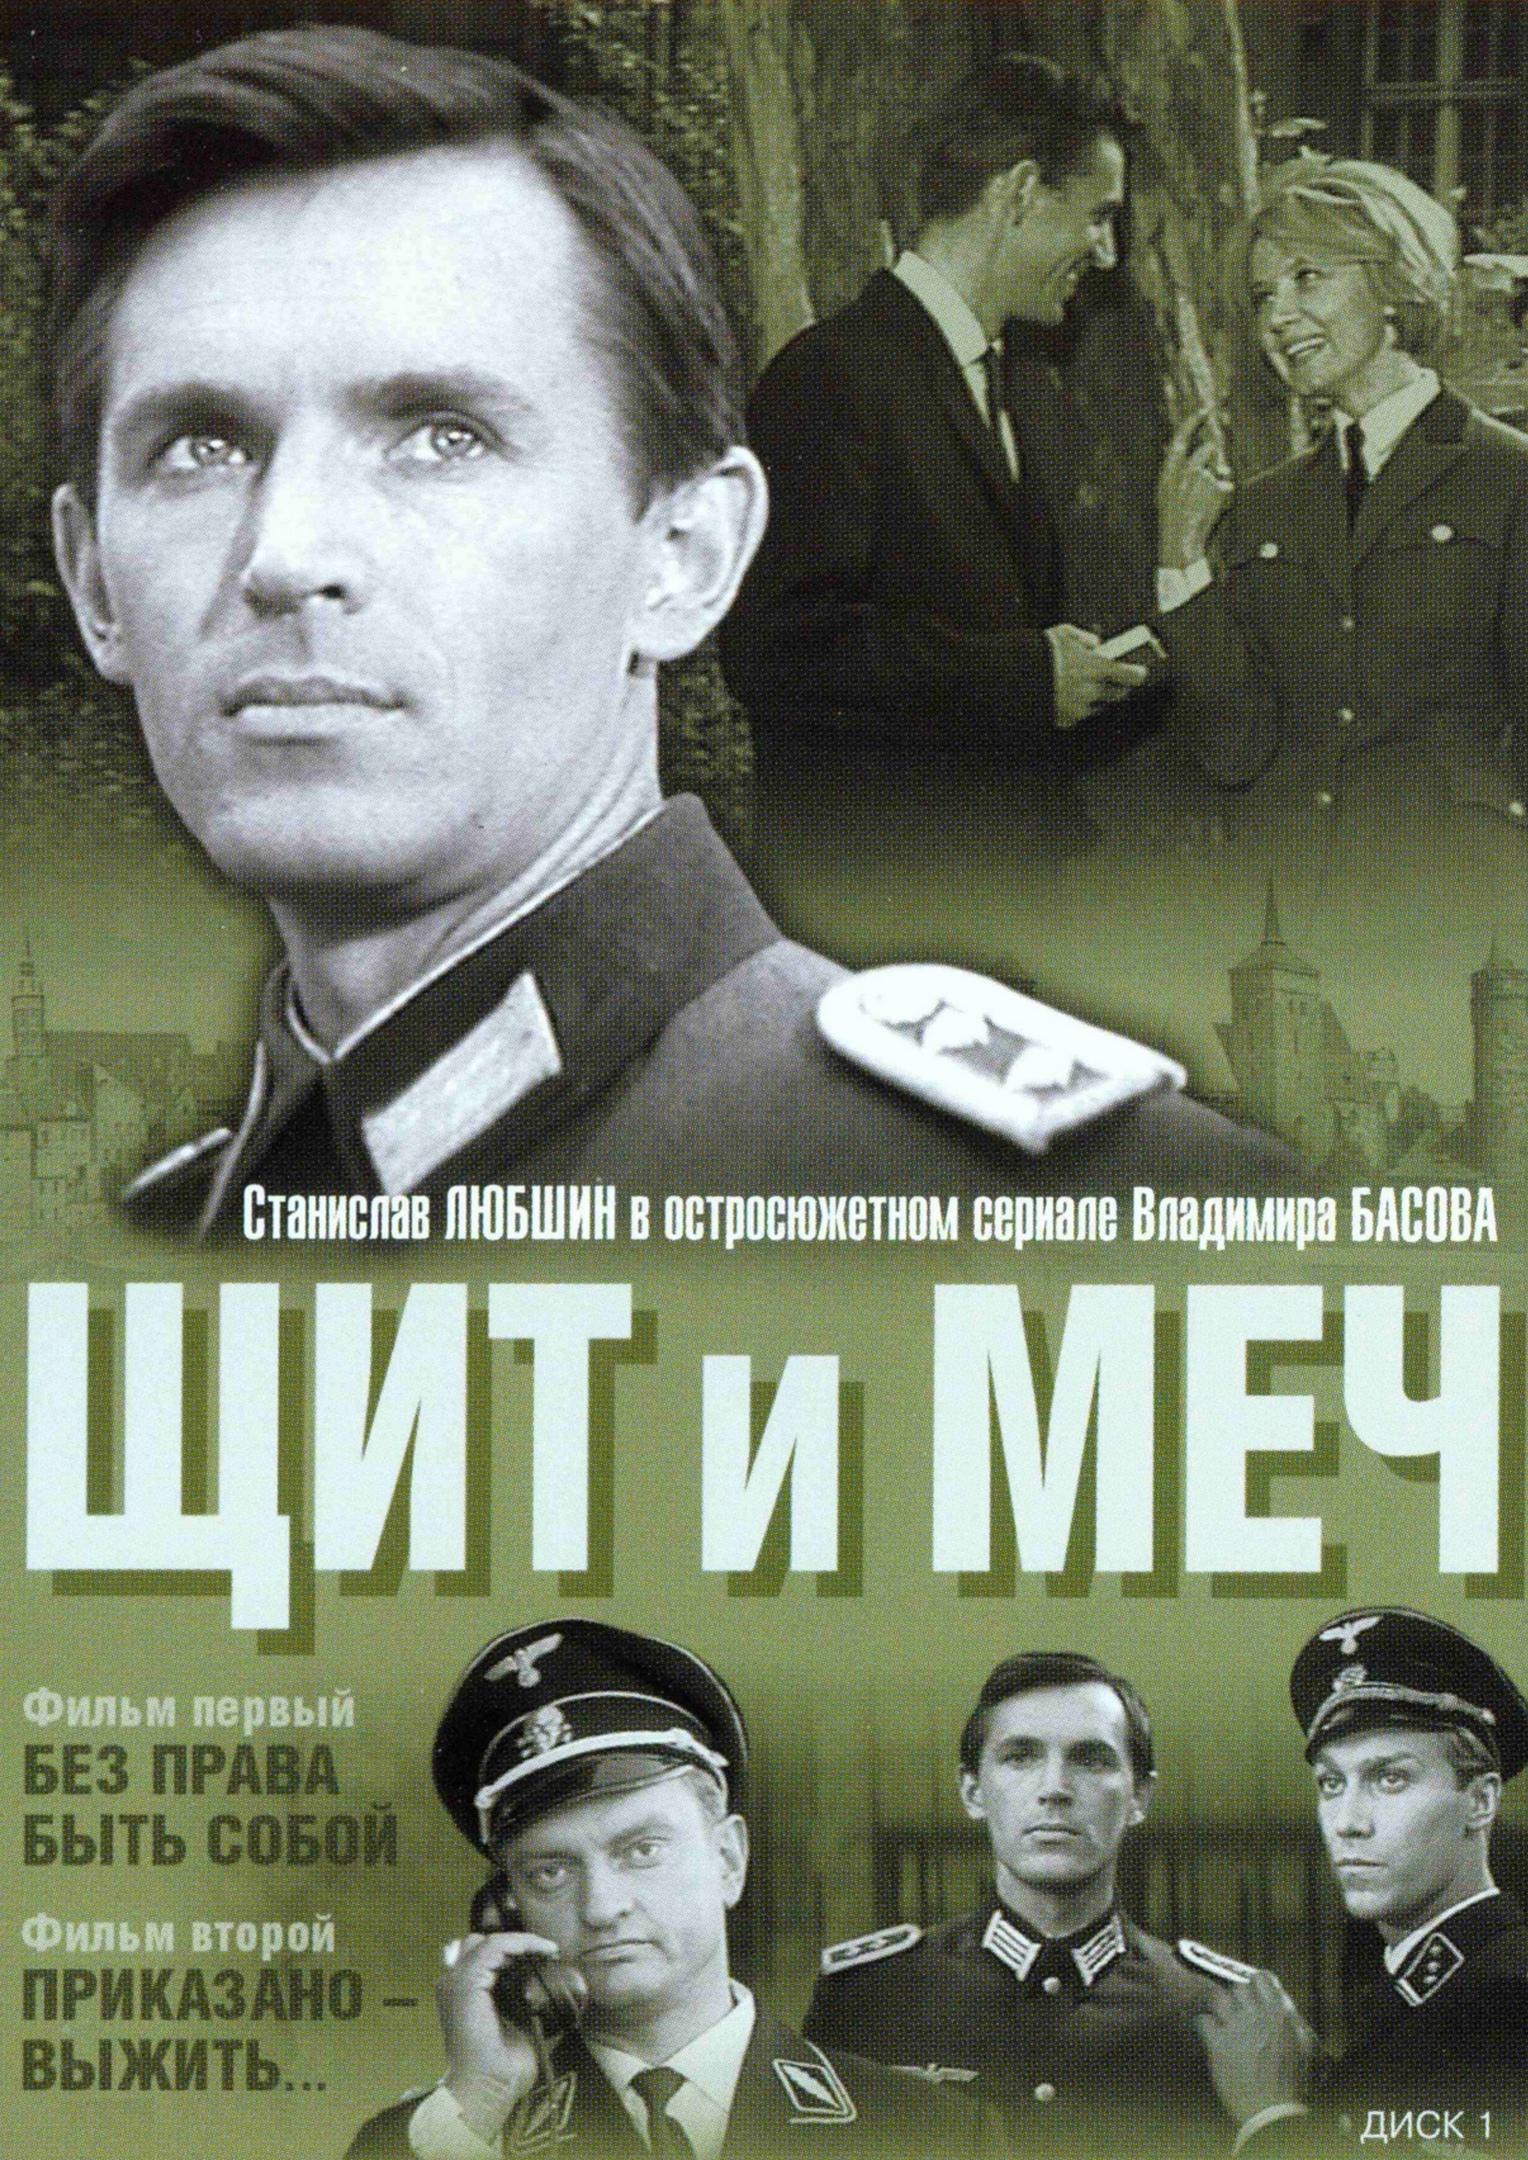 Военный сериал «Щит и меч» (1968) 1-4 серия из 4